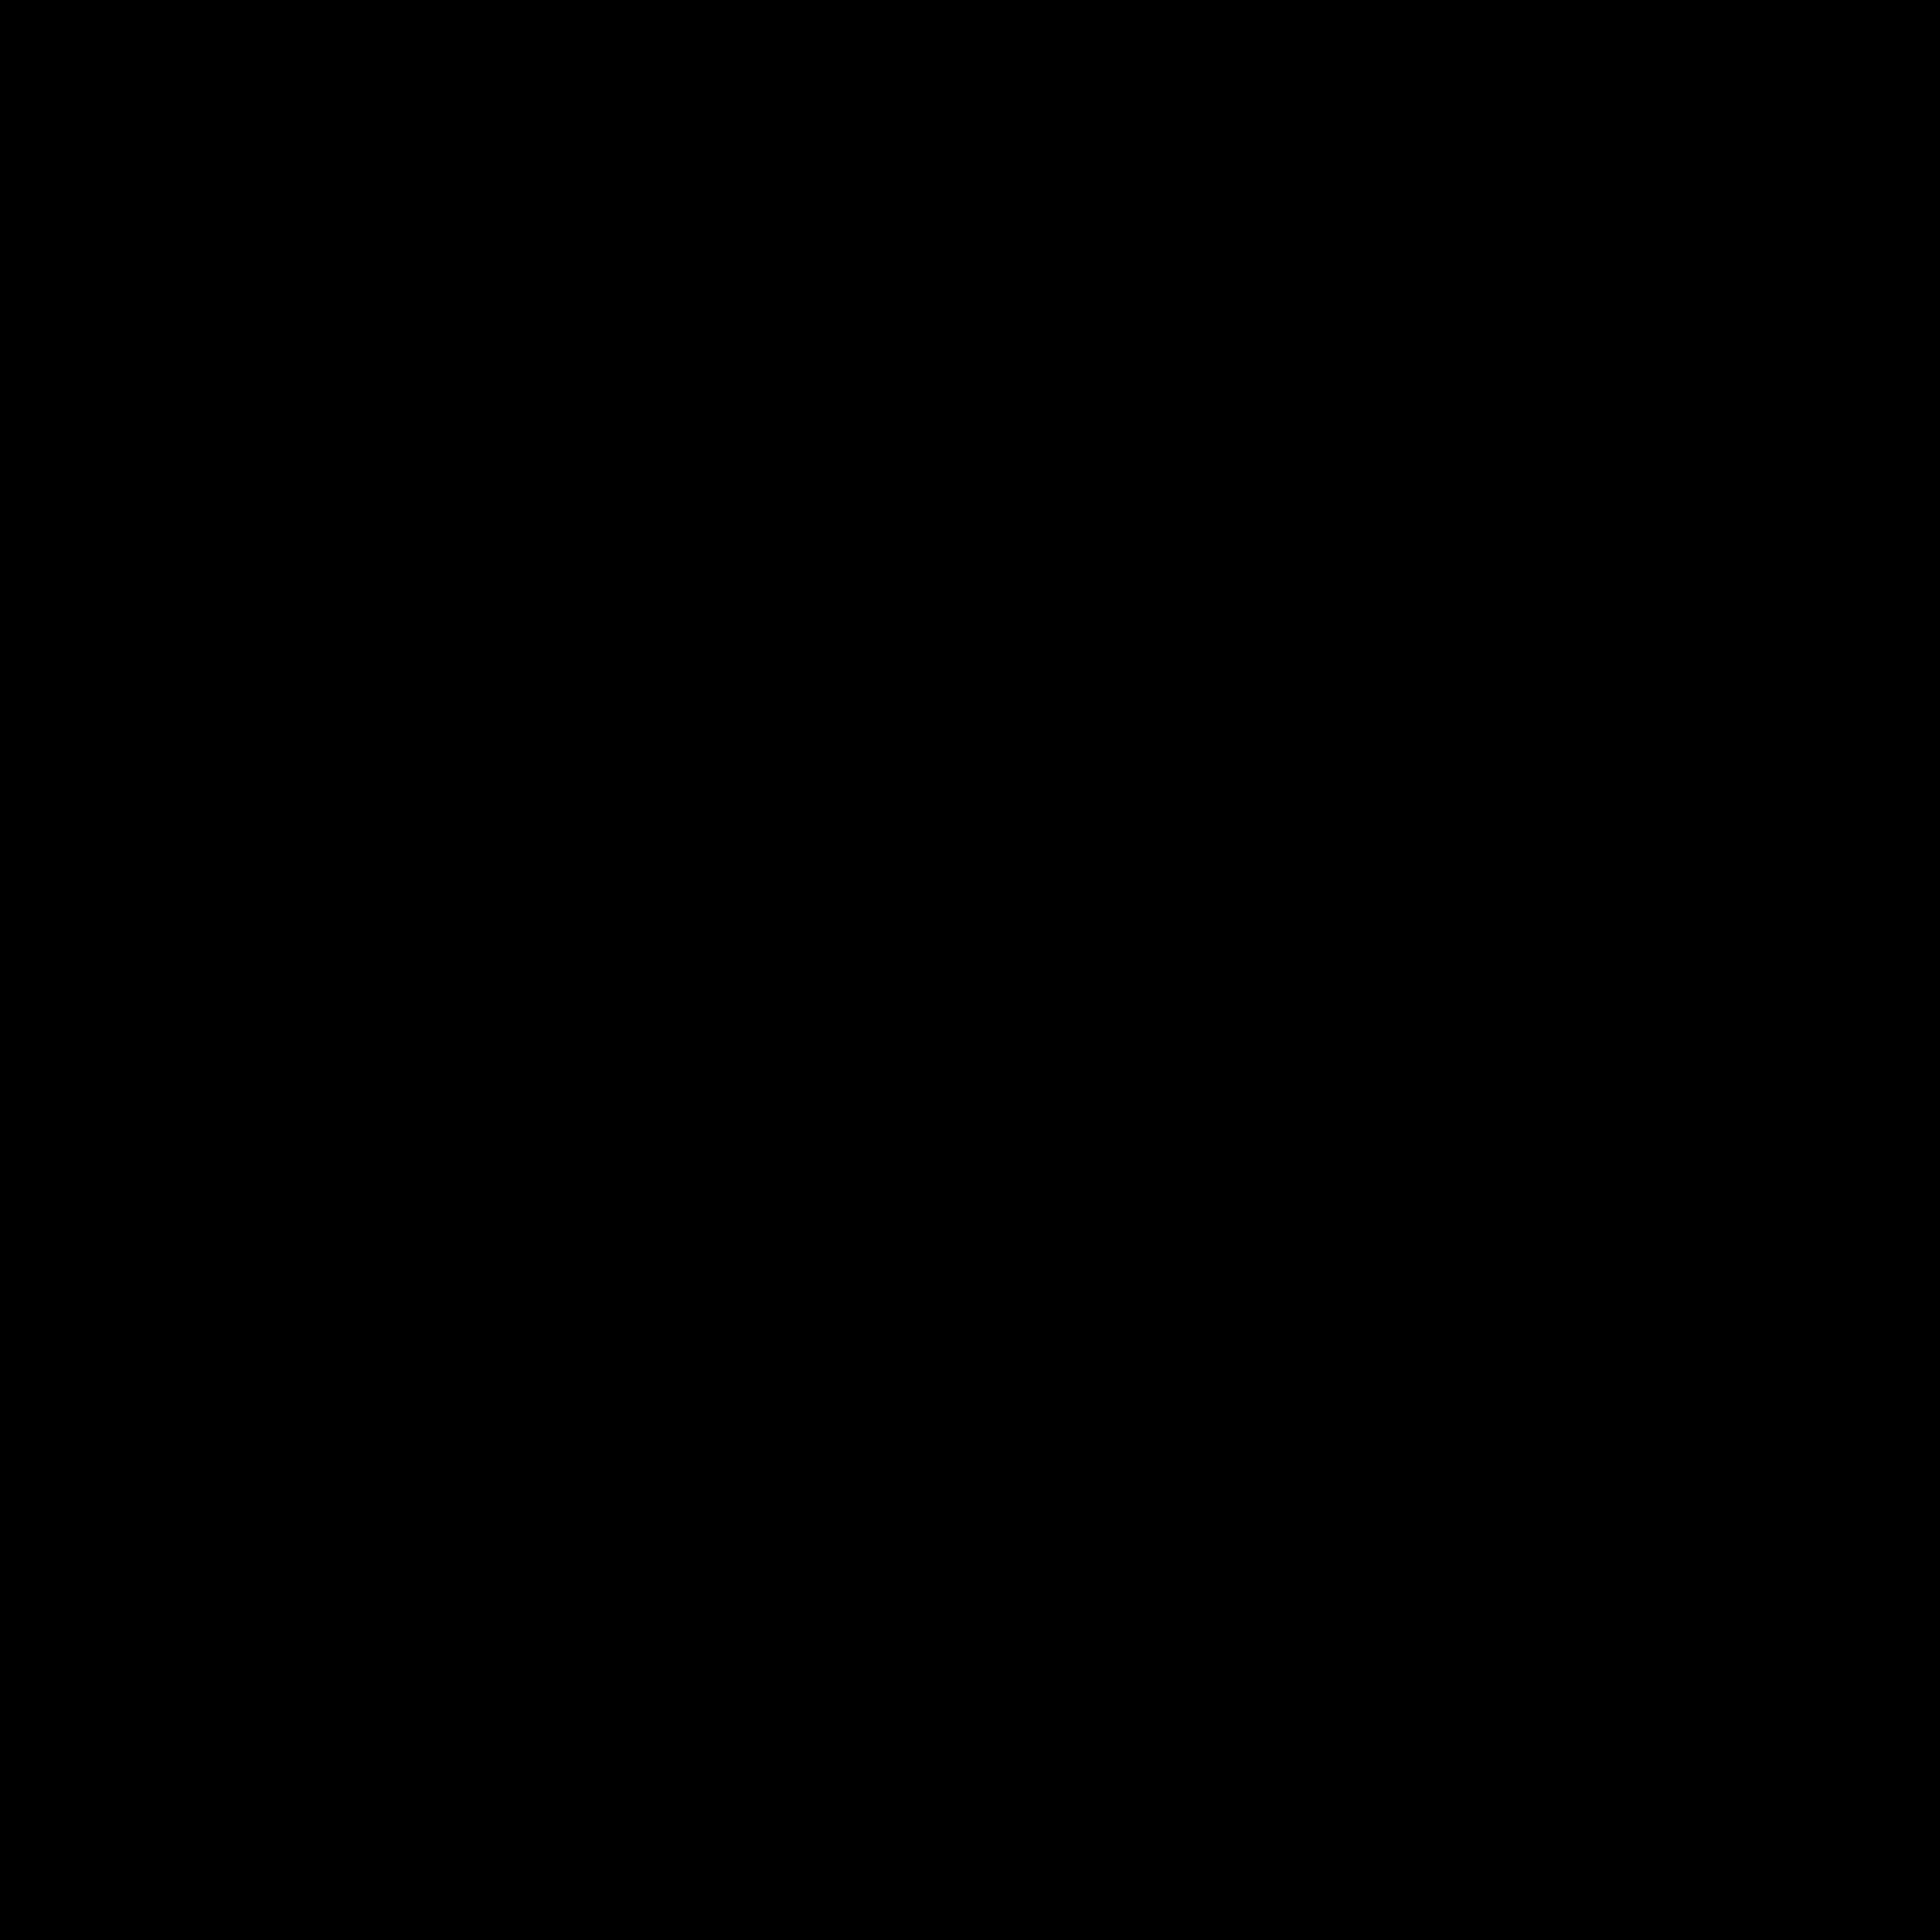 logo_sigil_5bc.png